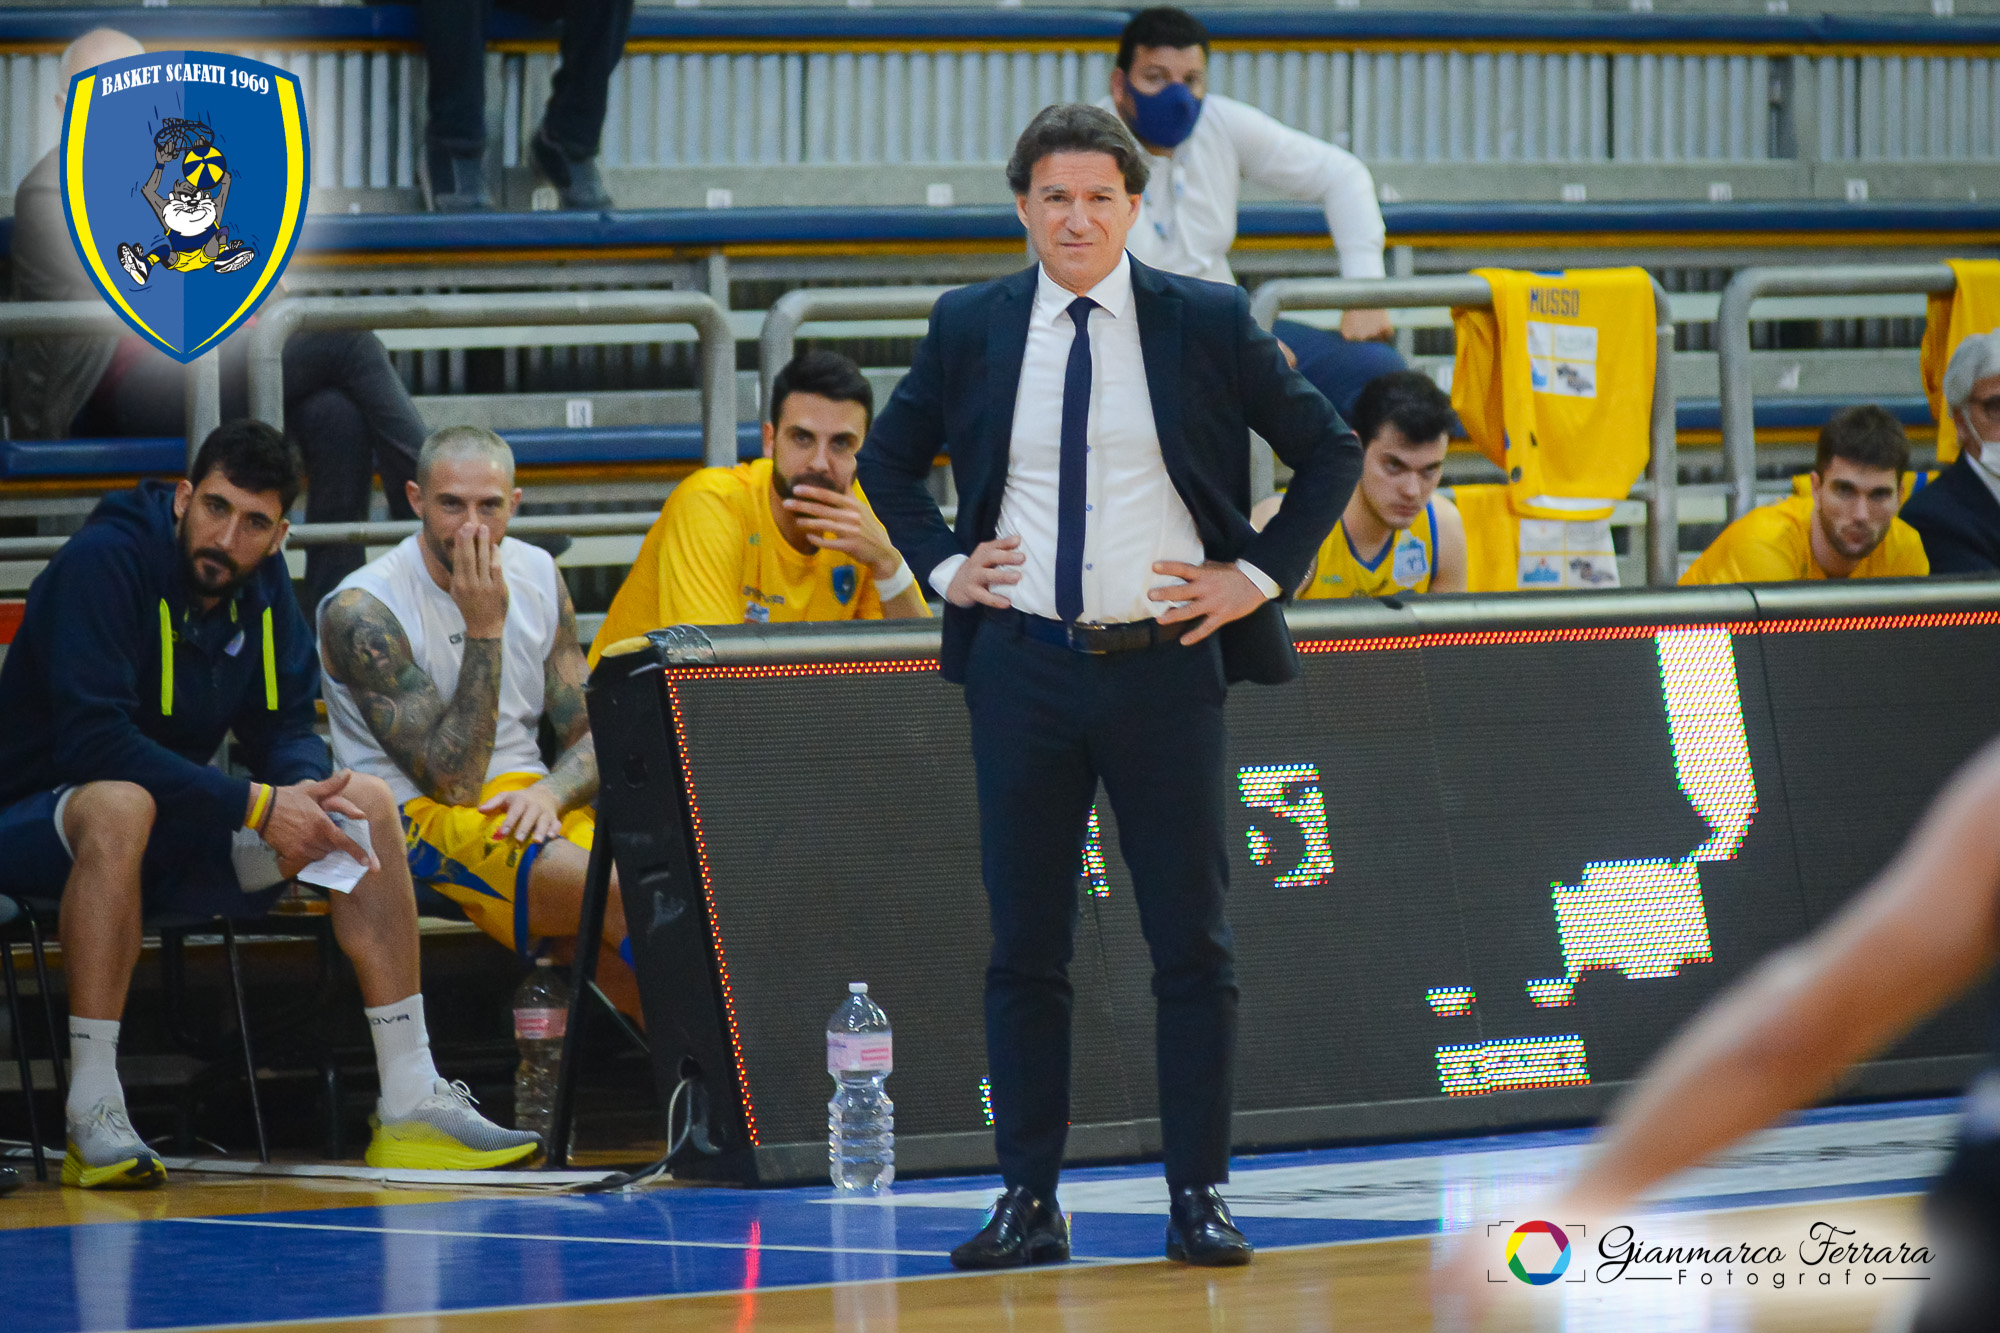 Coach Finelli